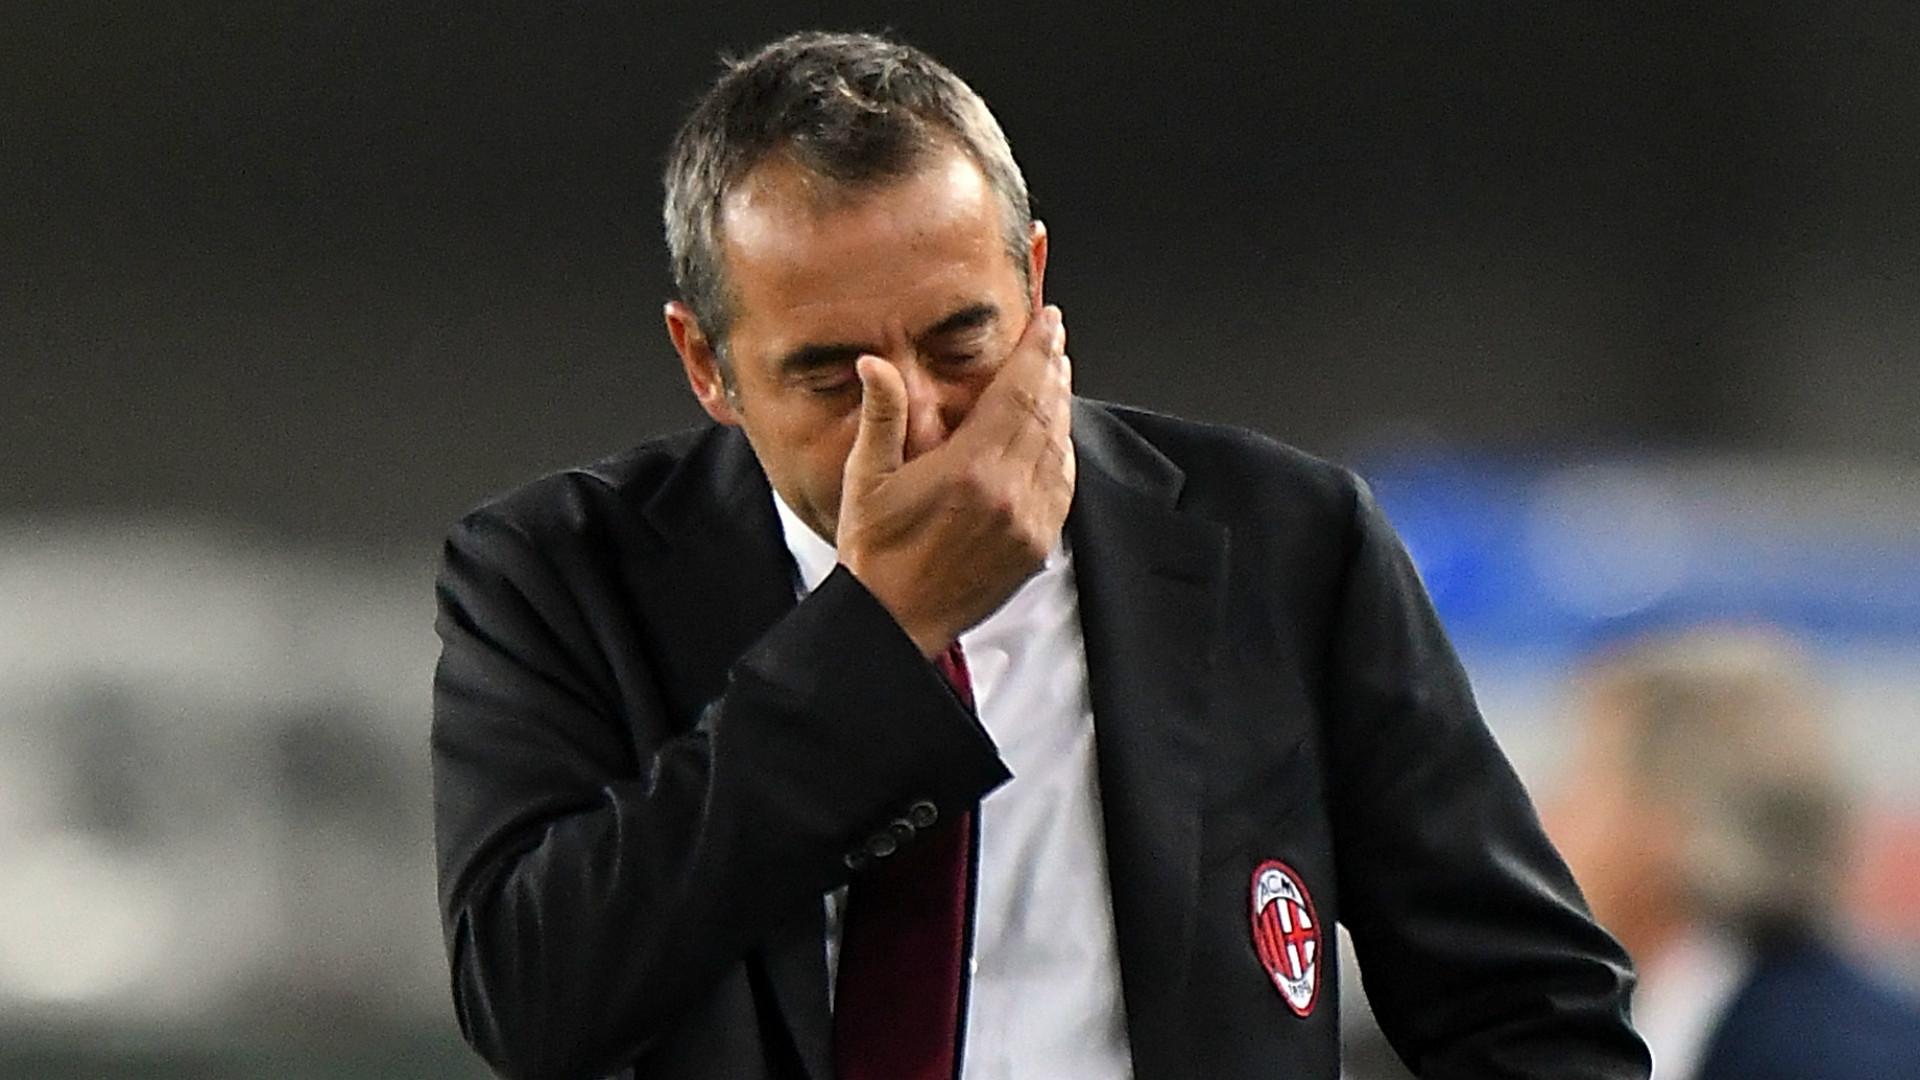 OFFICIEL - Milan se sépare de Marco Giampaolo